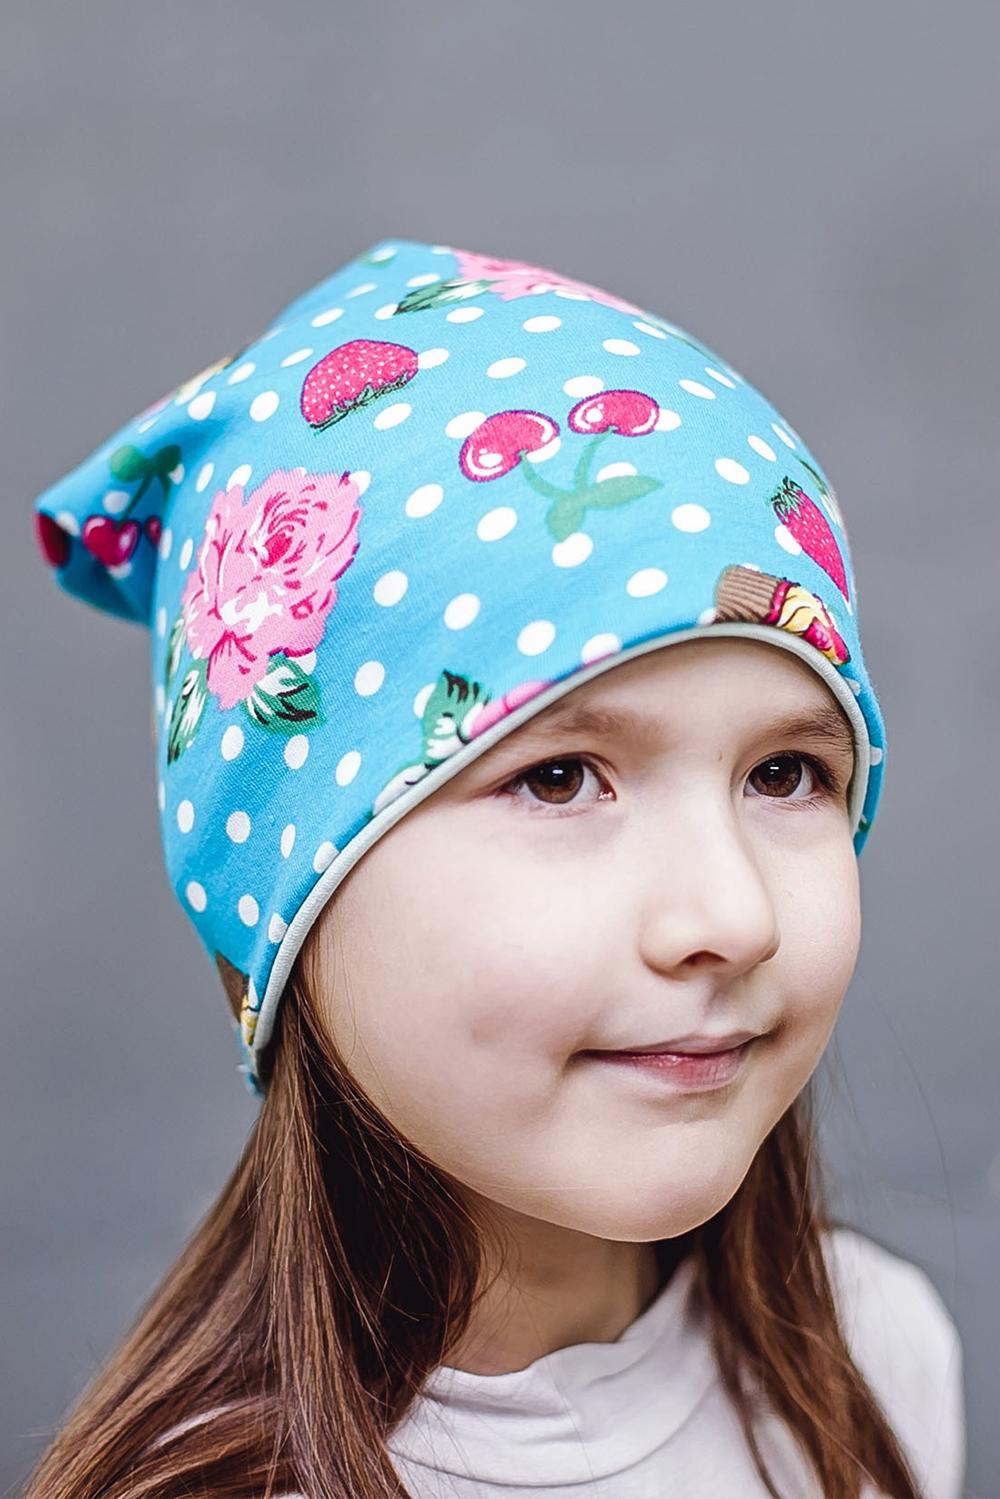 ШапкаГоловные уборы<br>Шапка для девочки защитит Вашего ребенка от непогоды и поднимет настроение.  Размер равен обхвату головы в сантиметрах.  Цвет: голубой, розовый, белый.<br><br>По сезону: Лето<br>Размер : 40-45,45-50<br>Материал: Трикотаж<br>Количество в наличии: 3